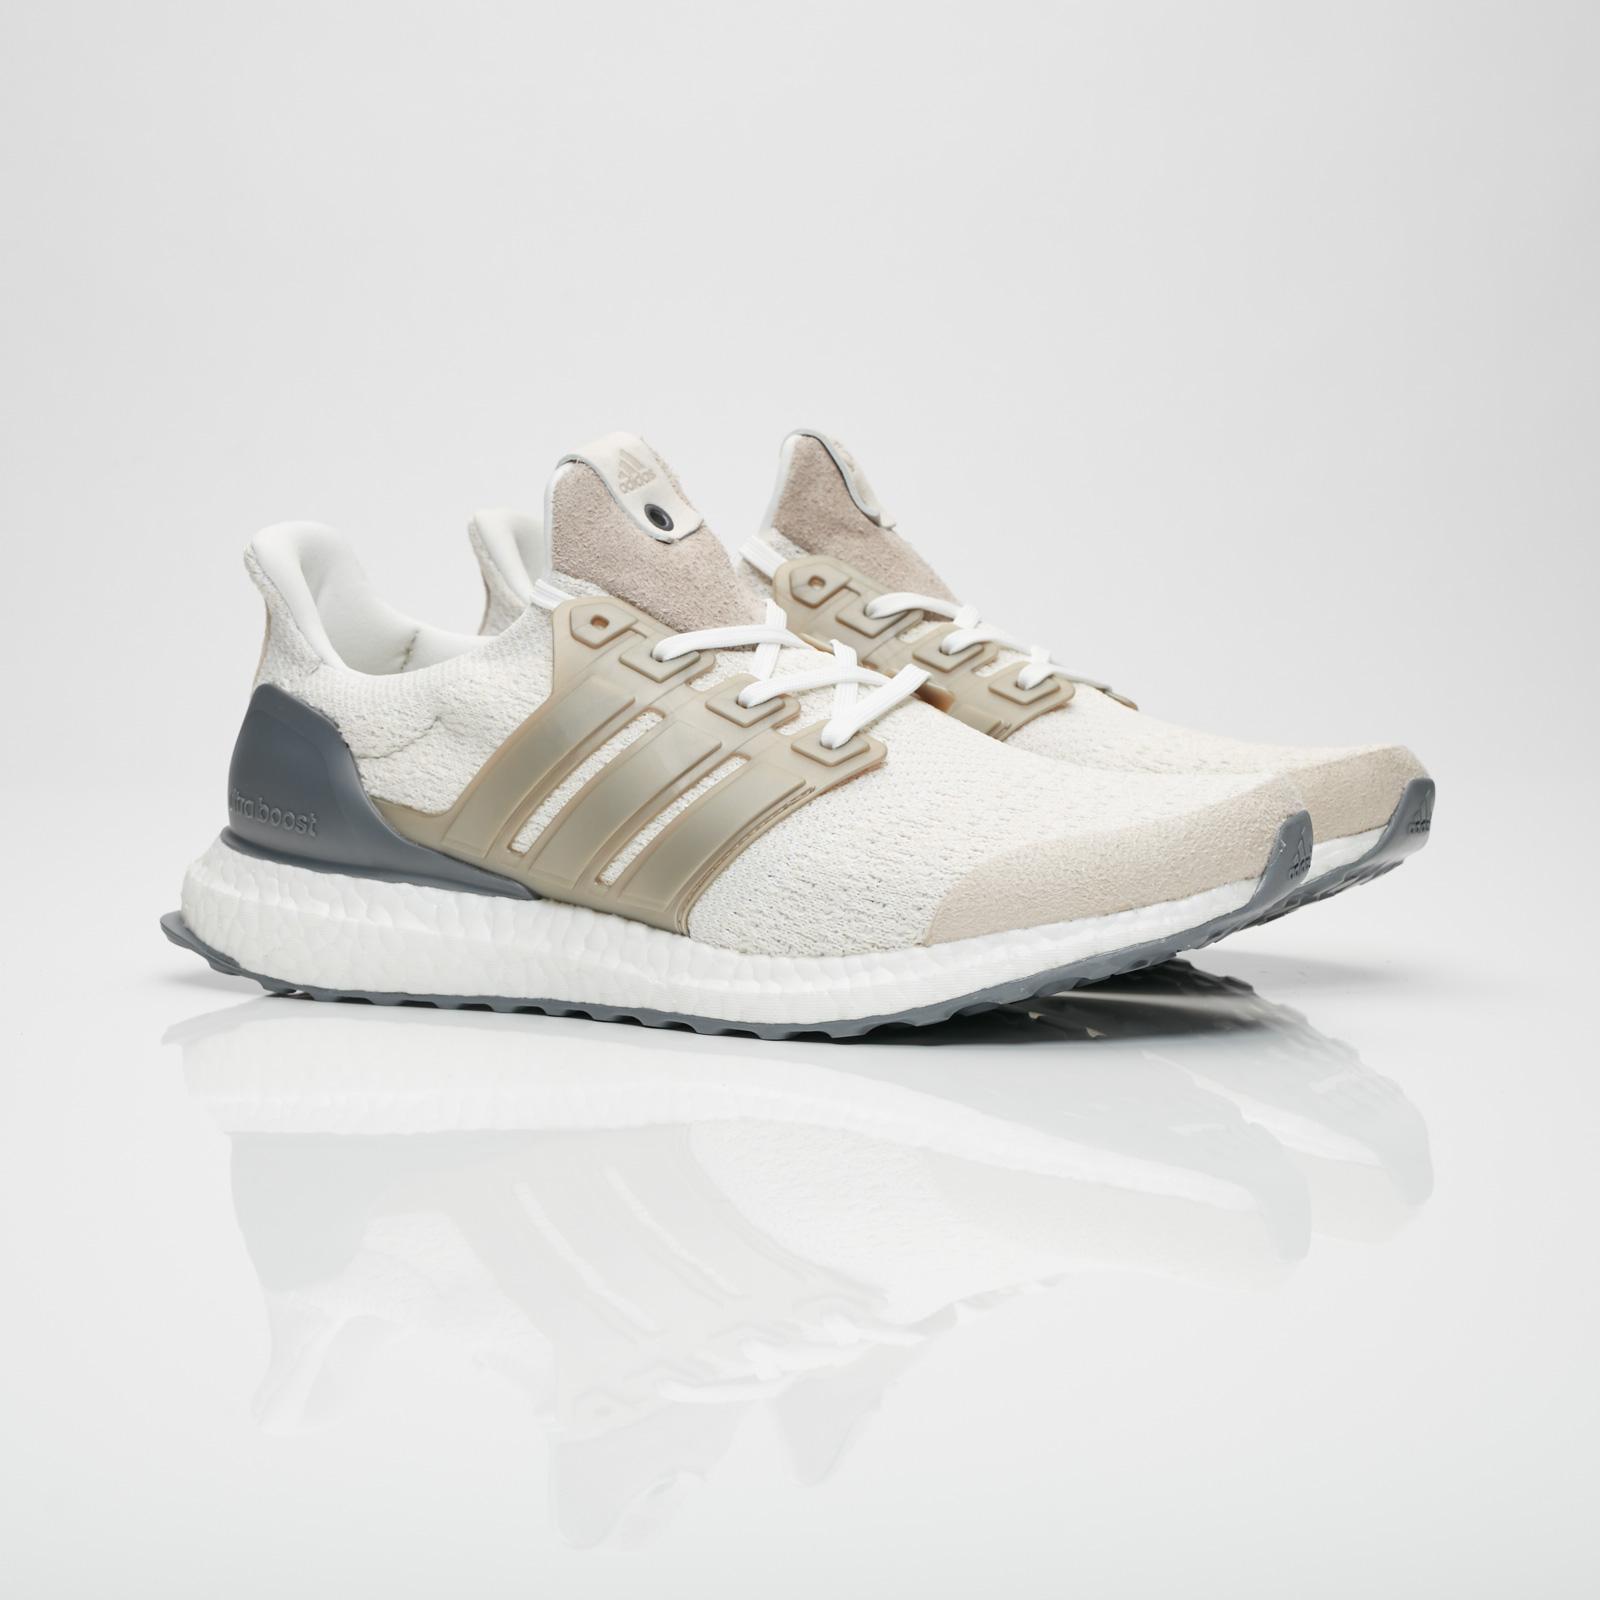 separation shoes defa5 d787e adidas Consortium UltraBOOST Lux